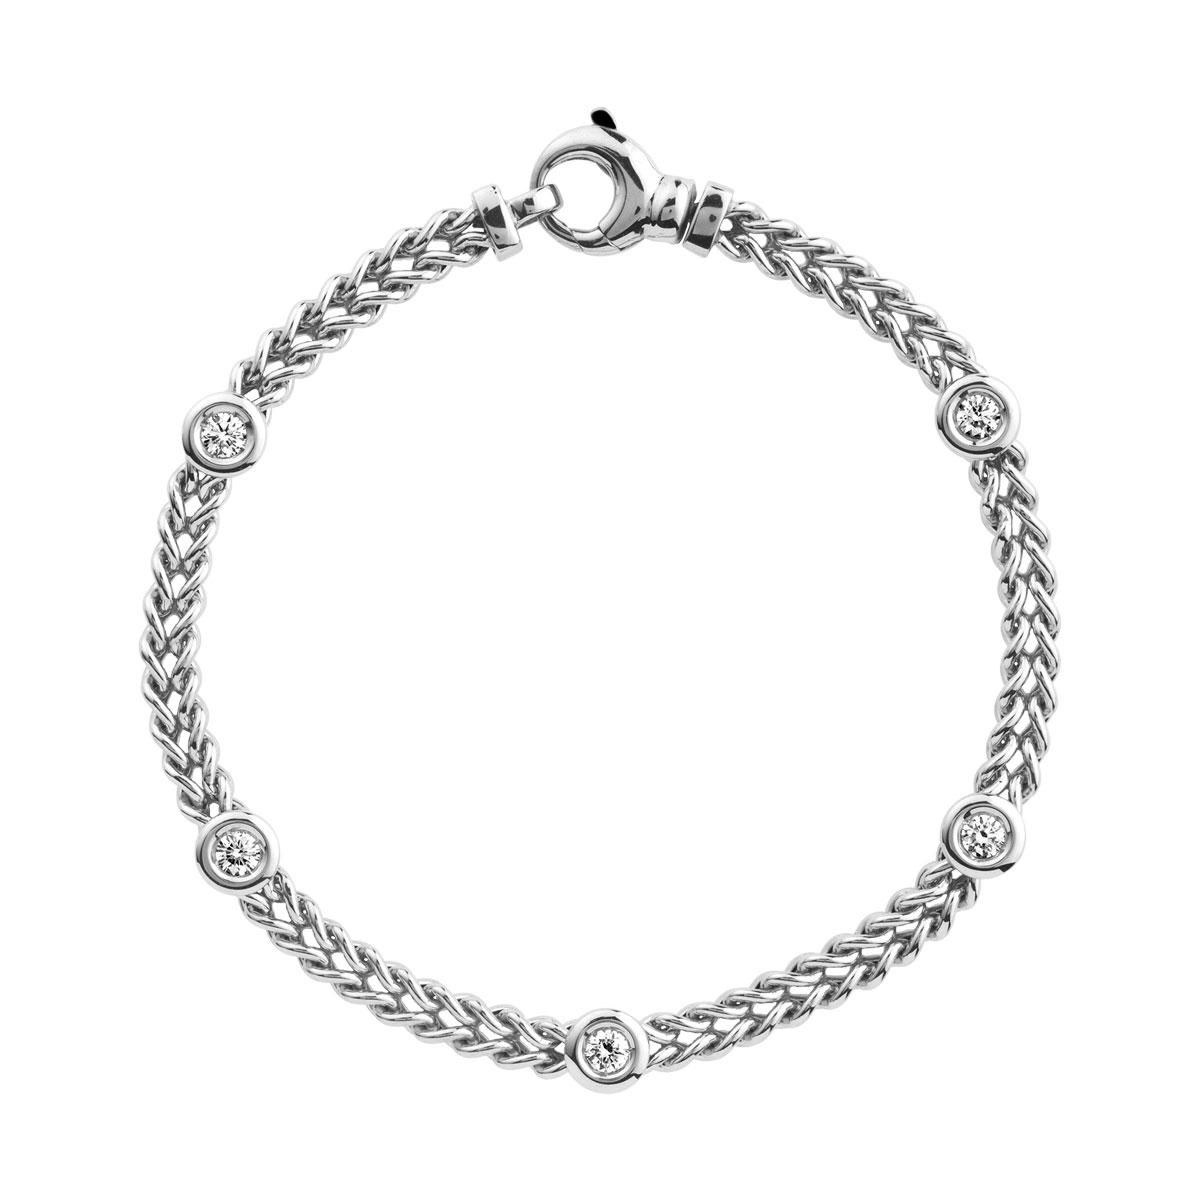 bracelet or 750 blanc diamants femme bracelet maille souple maty. Black Bedroom Furniture Sets. Home Design Ideas